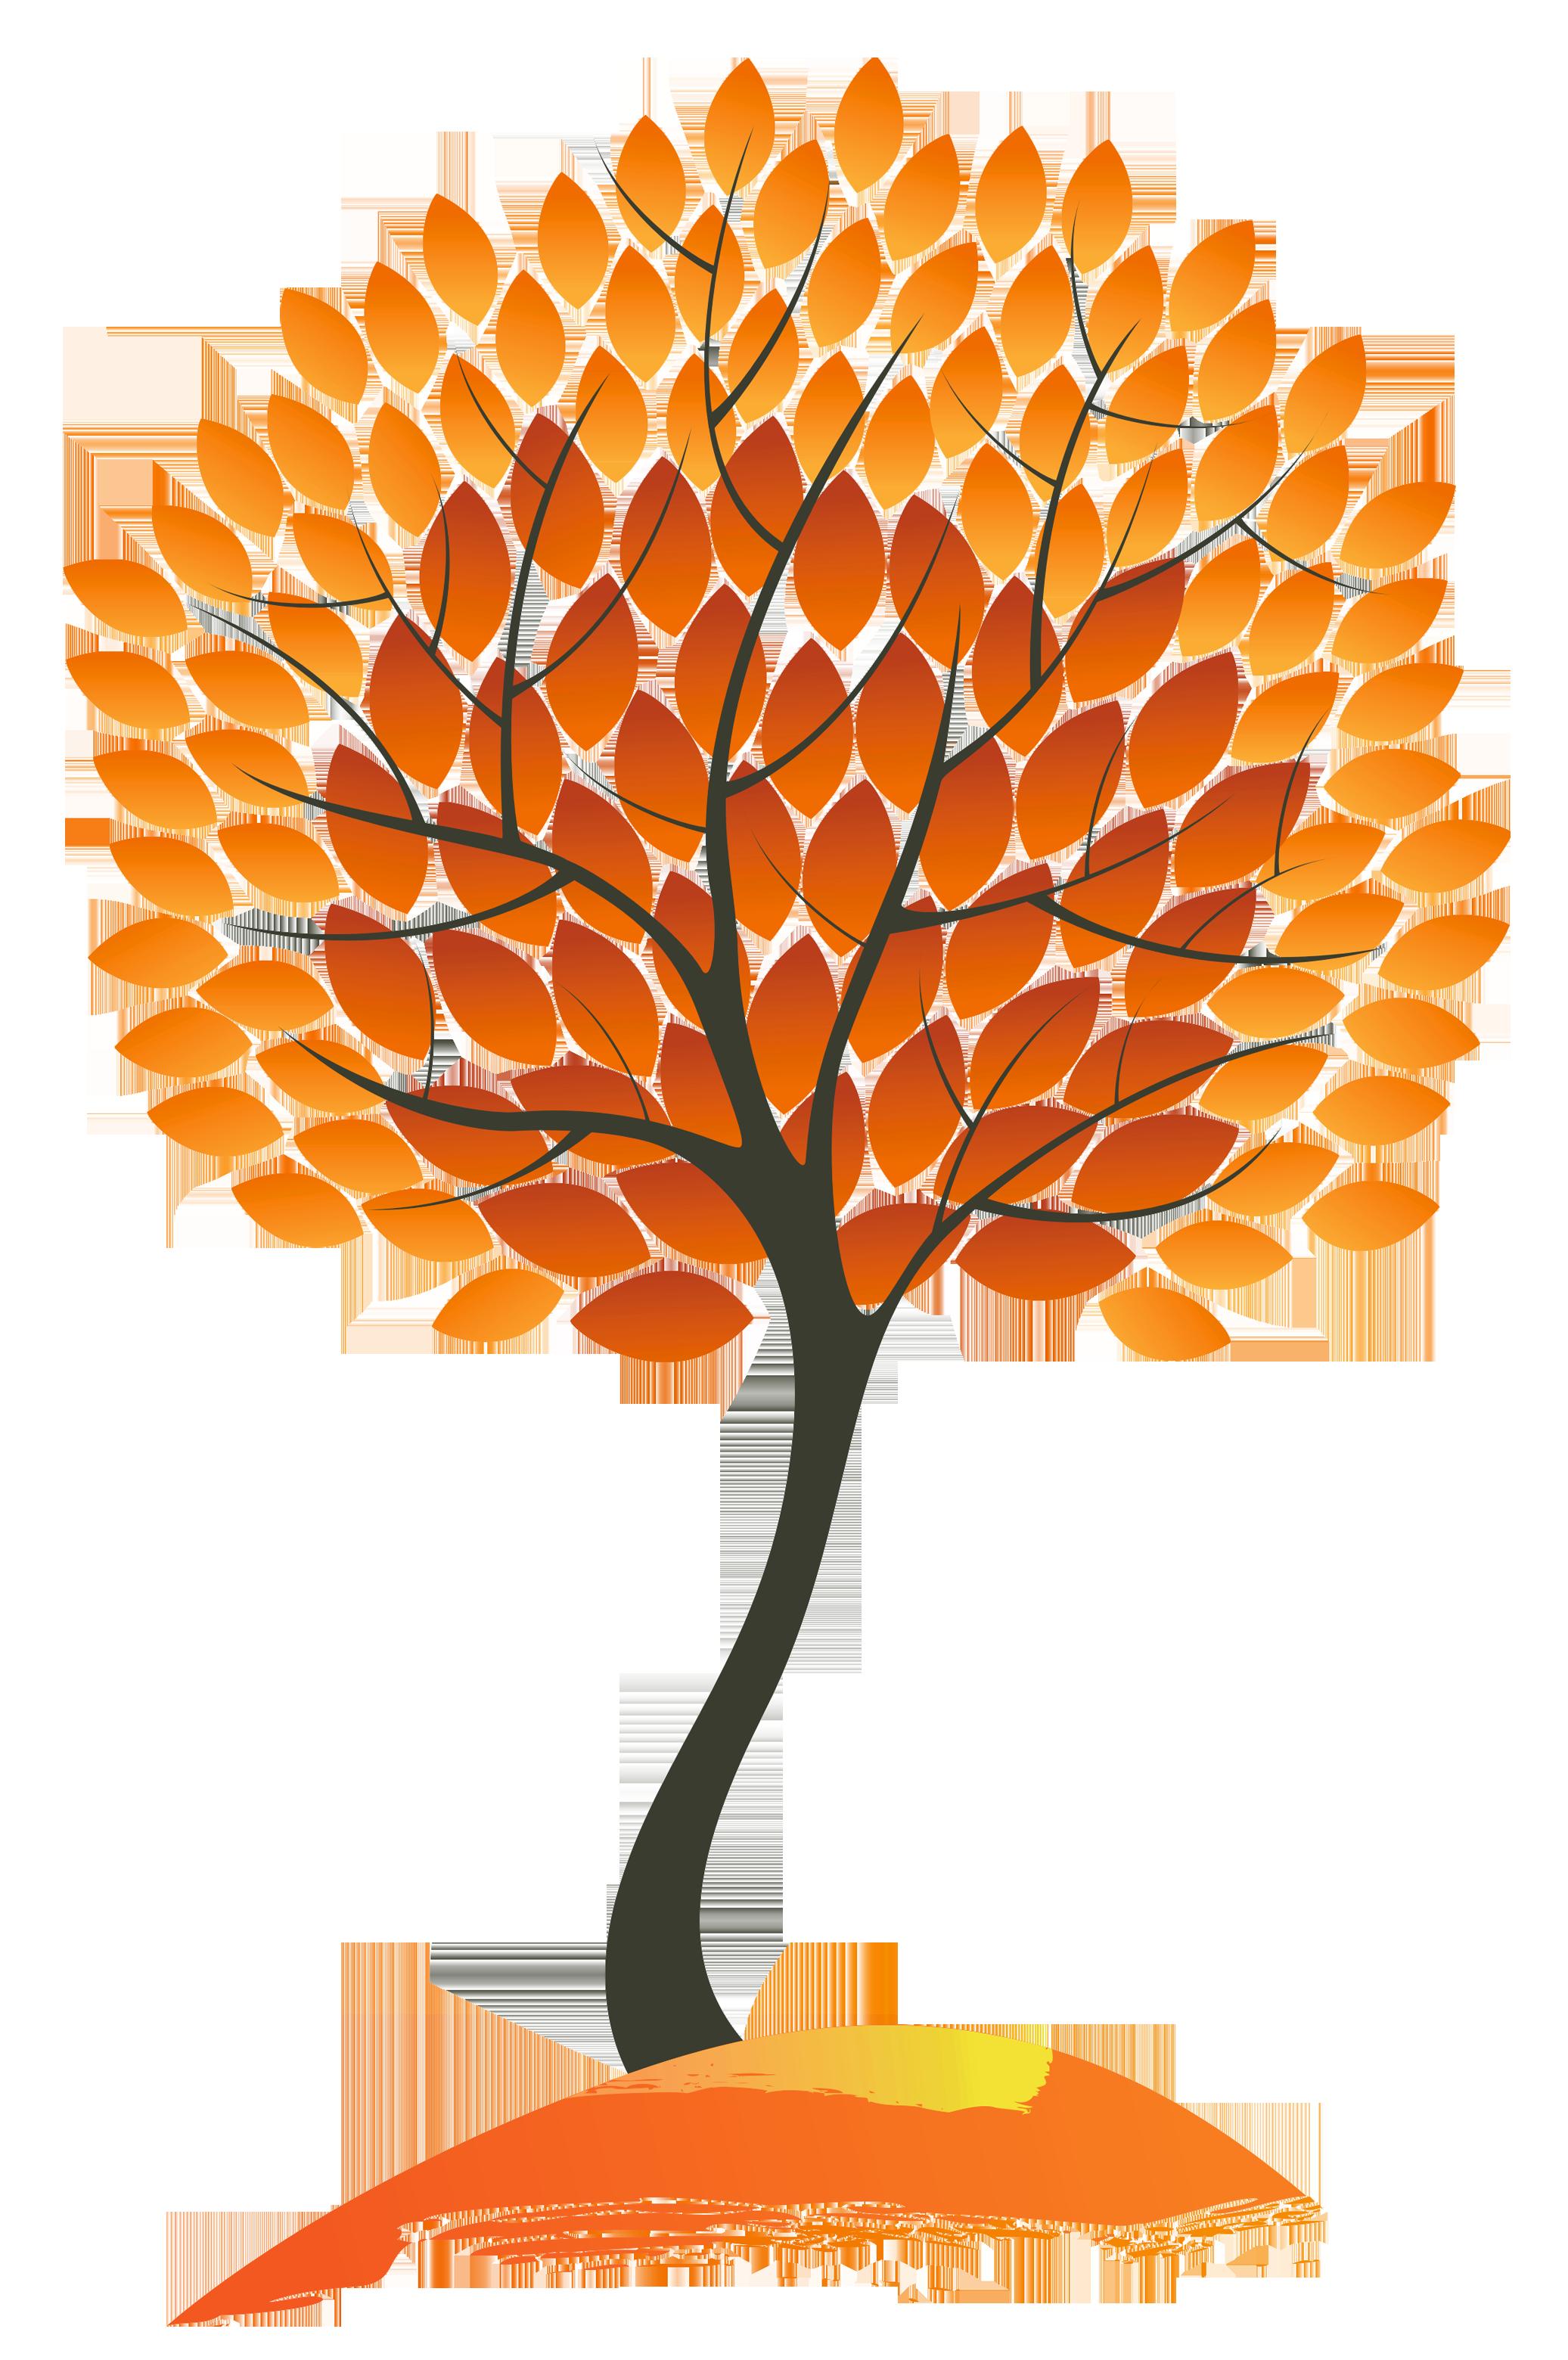 autumn tree clipart - photo #39